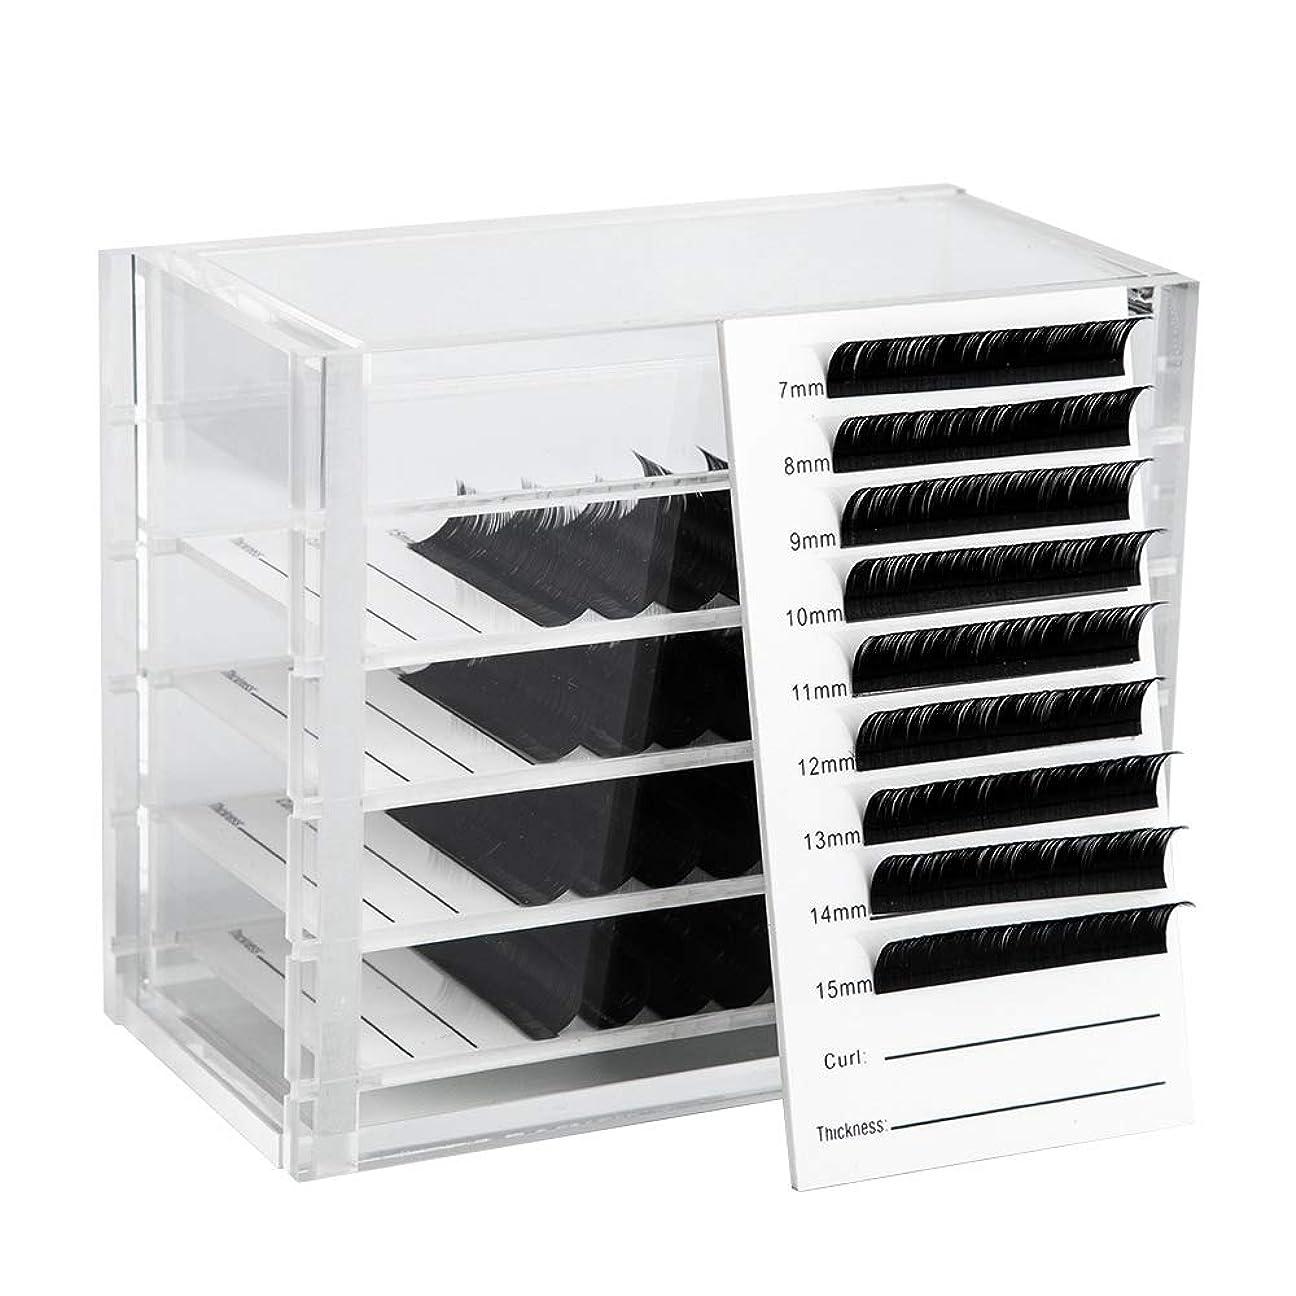 瞬時にあいまいさ適合するNrpfell クリア5層まつげ収納ボックス化粧オーガナイザーつけまつげ接着剤パレットホルダーグラフトまつげエクステメイクツール